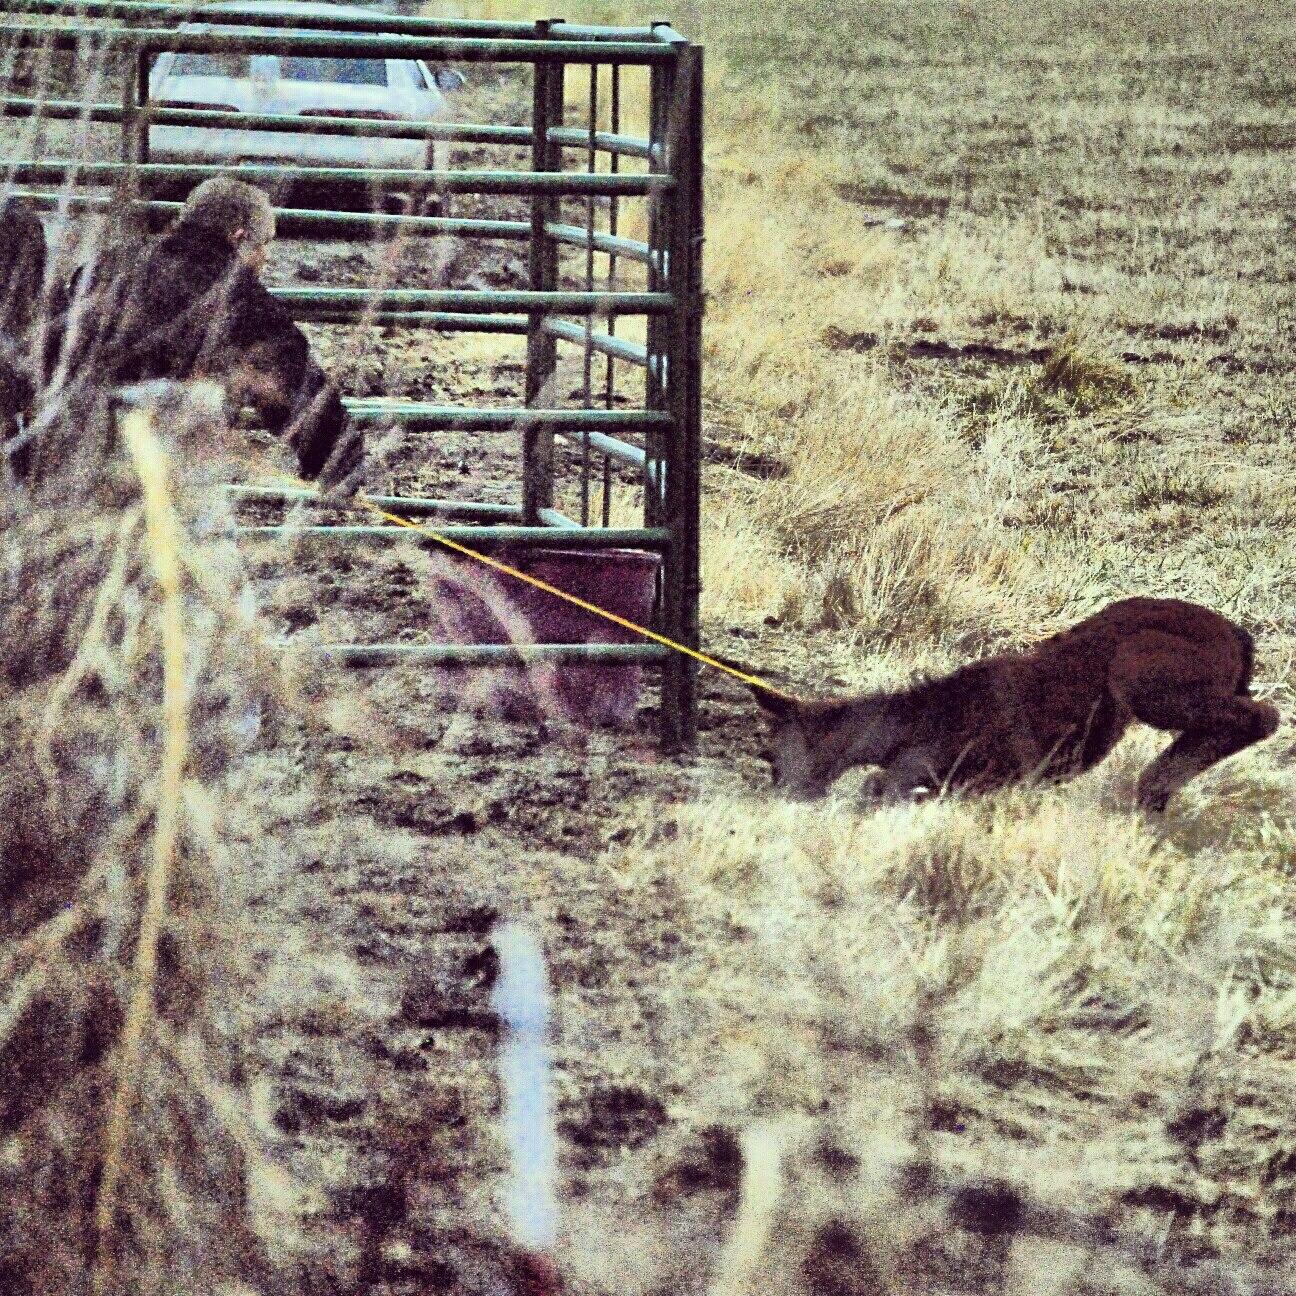 Reno: Damonte wild horses trapped w/ cruelty